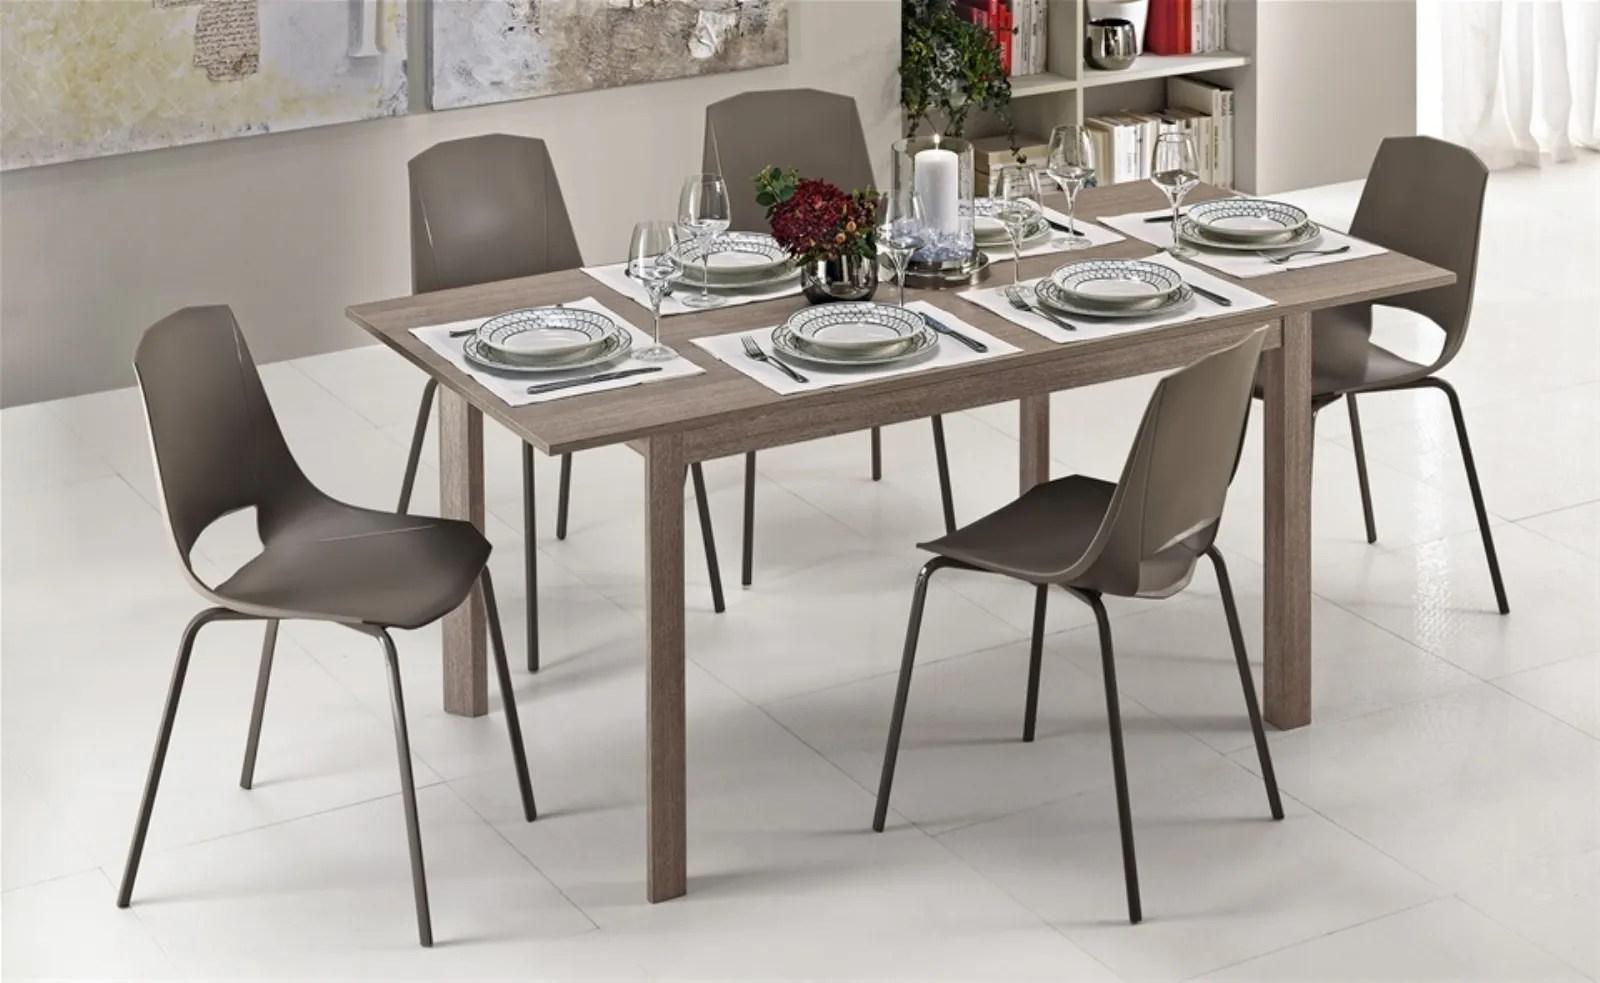 mondo convenienza griffe sedia in metallo verniciato e seduta in similpelle elephant. Acquistare Tavolo Mondo Convenienza